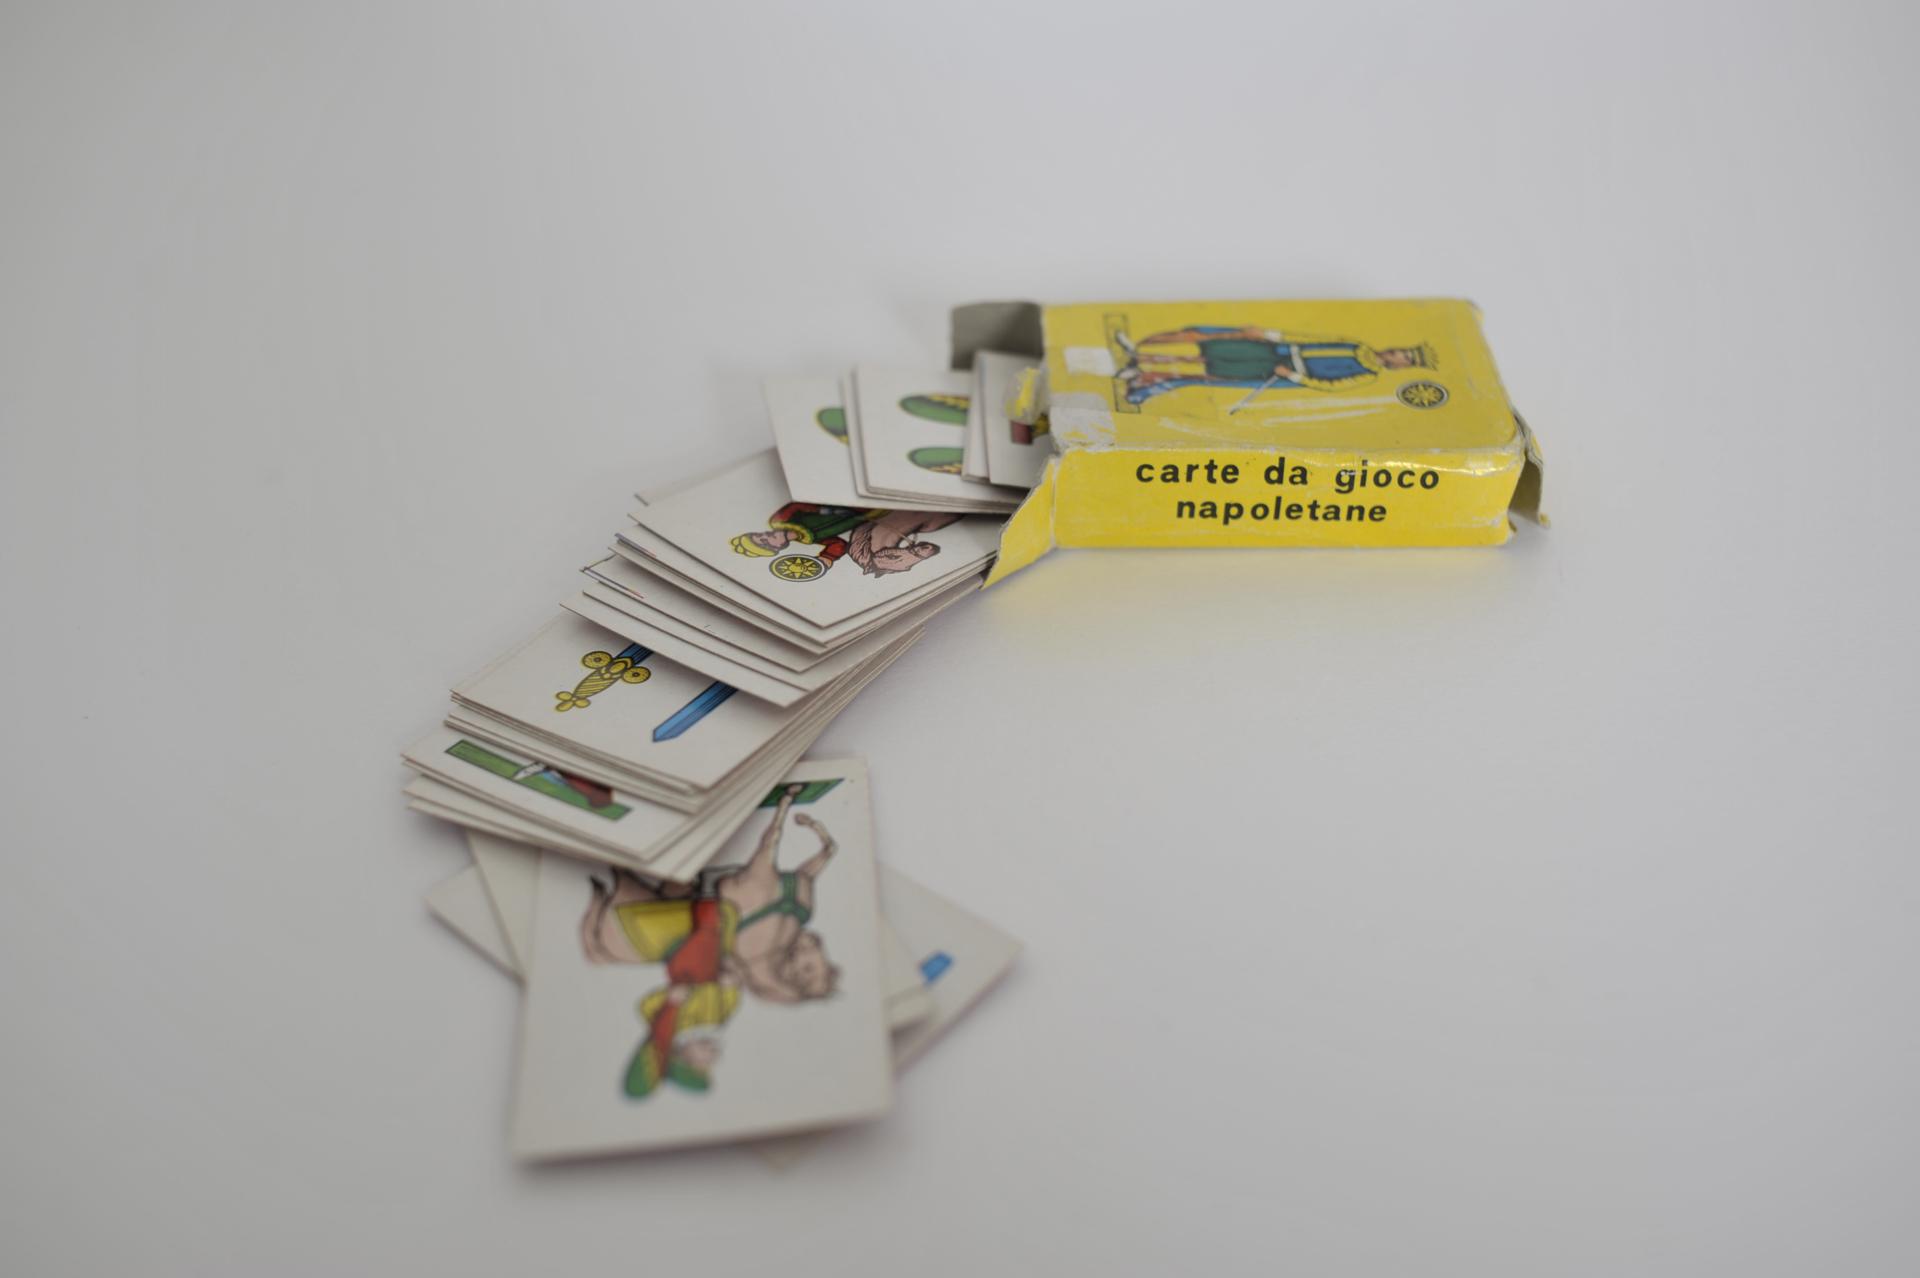 15. mini carte da gioco napoletane